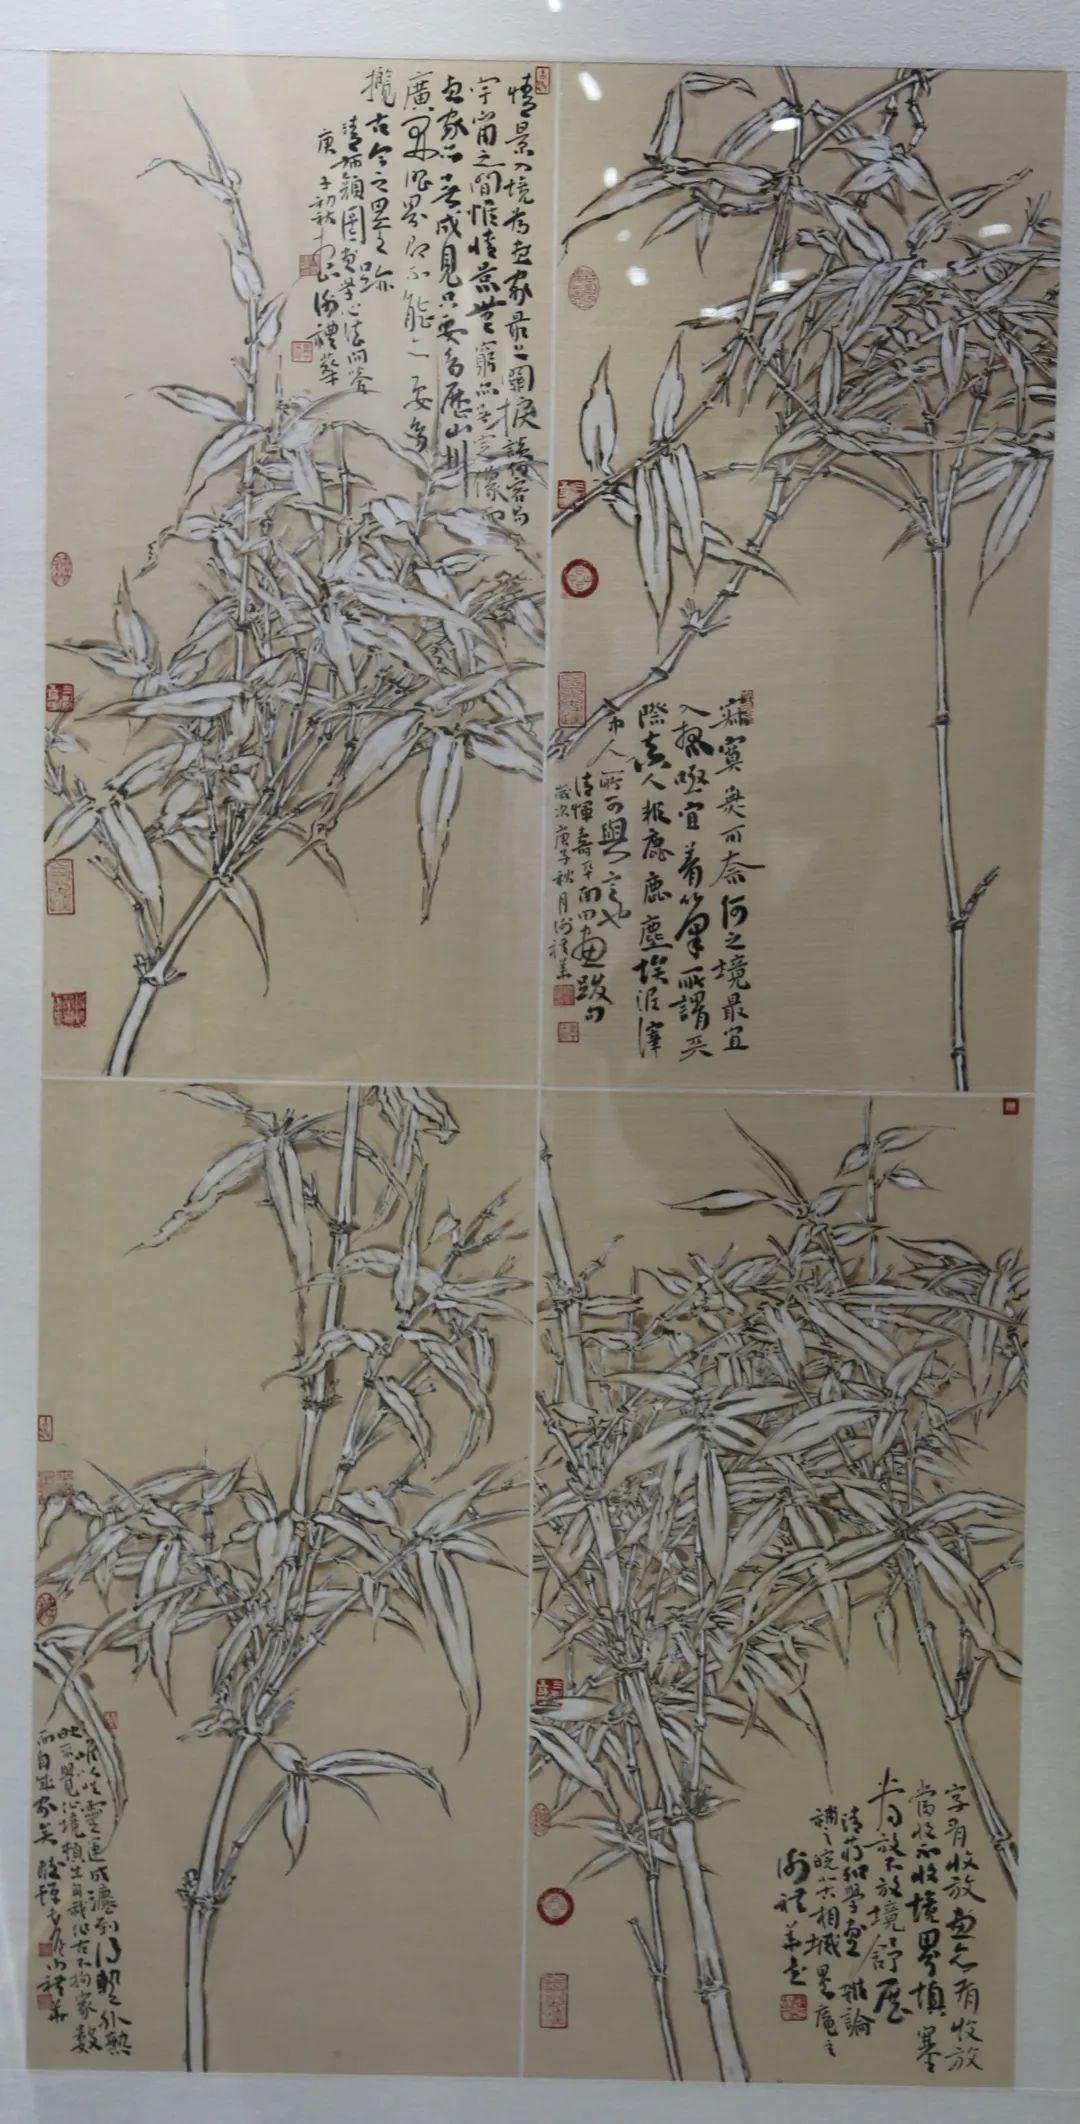 传承红色文化 携手共迎小康 苏皖两省六市书画展在蚌埠开幕(图10)